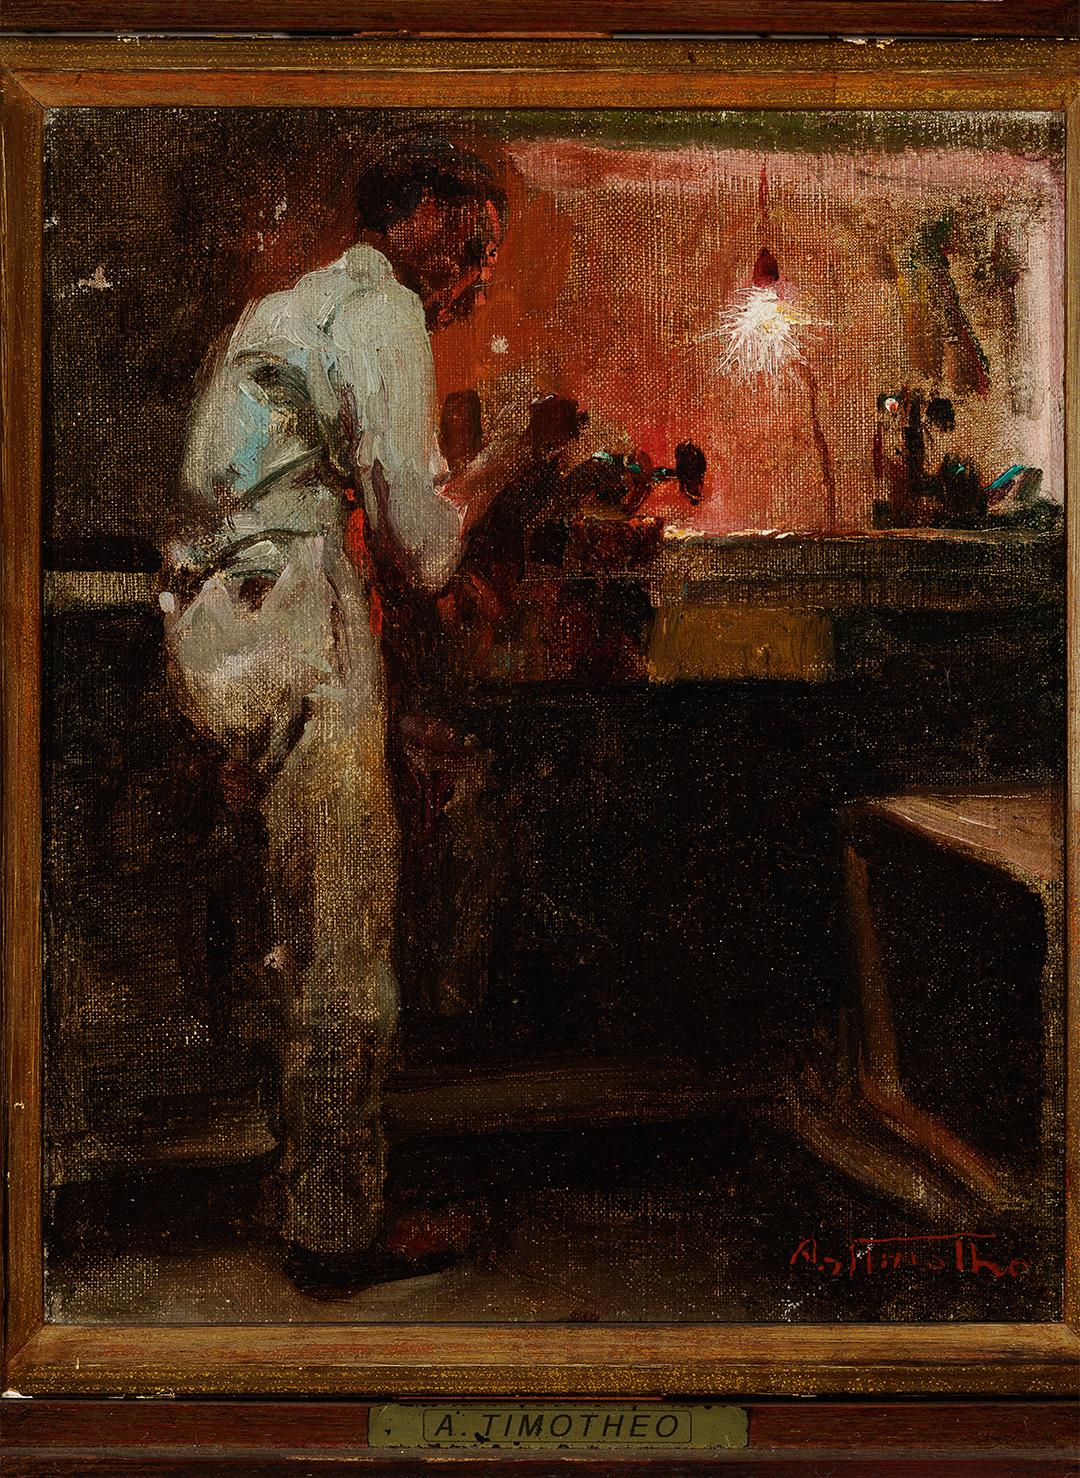 Ferreiro, 1910, Artur Timótheo da Costa